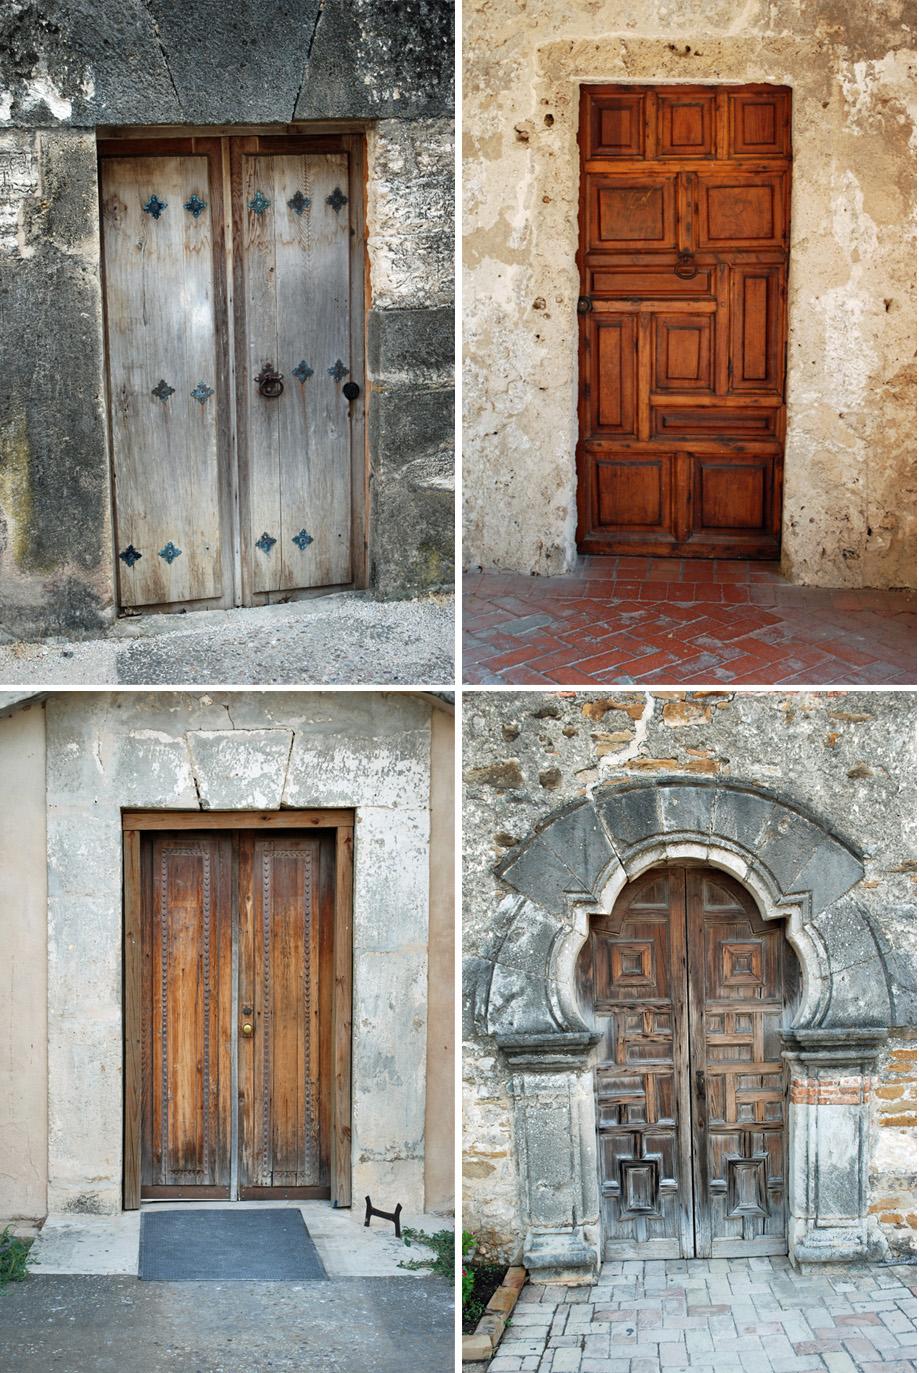 Old Doors & Lake and Garden: Old Doors